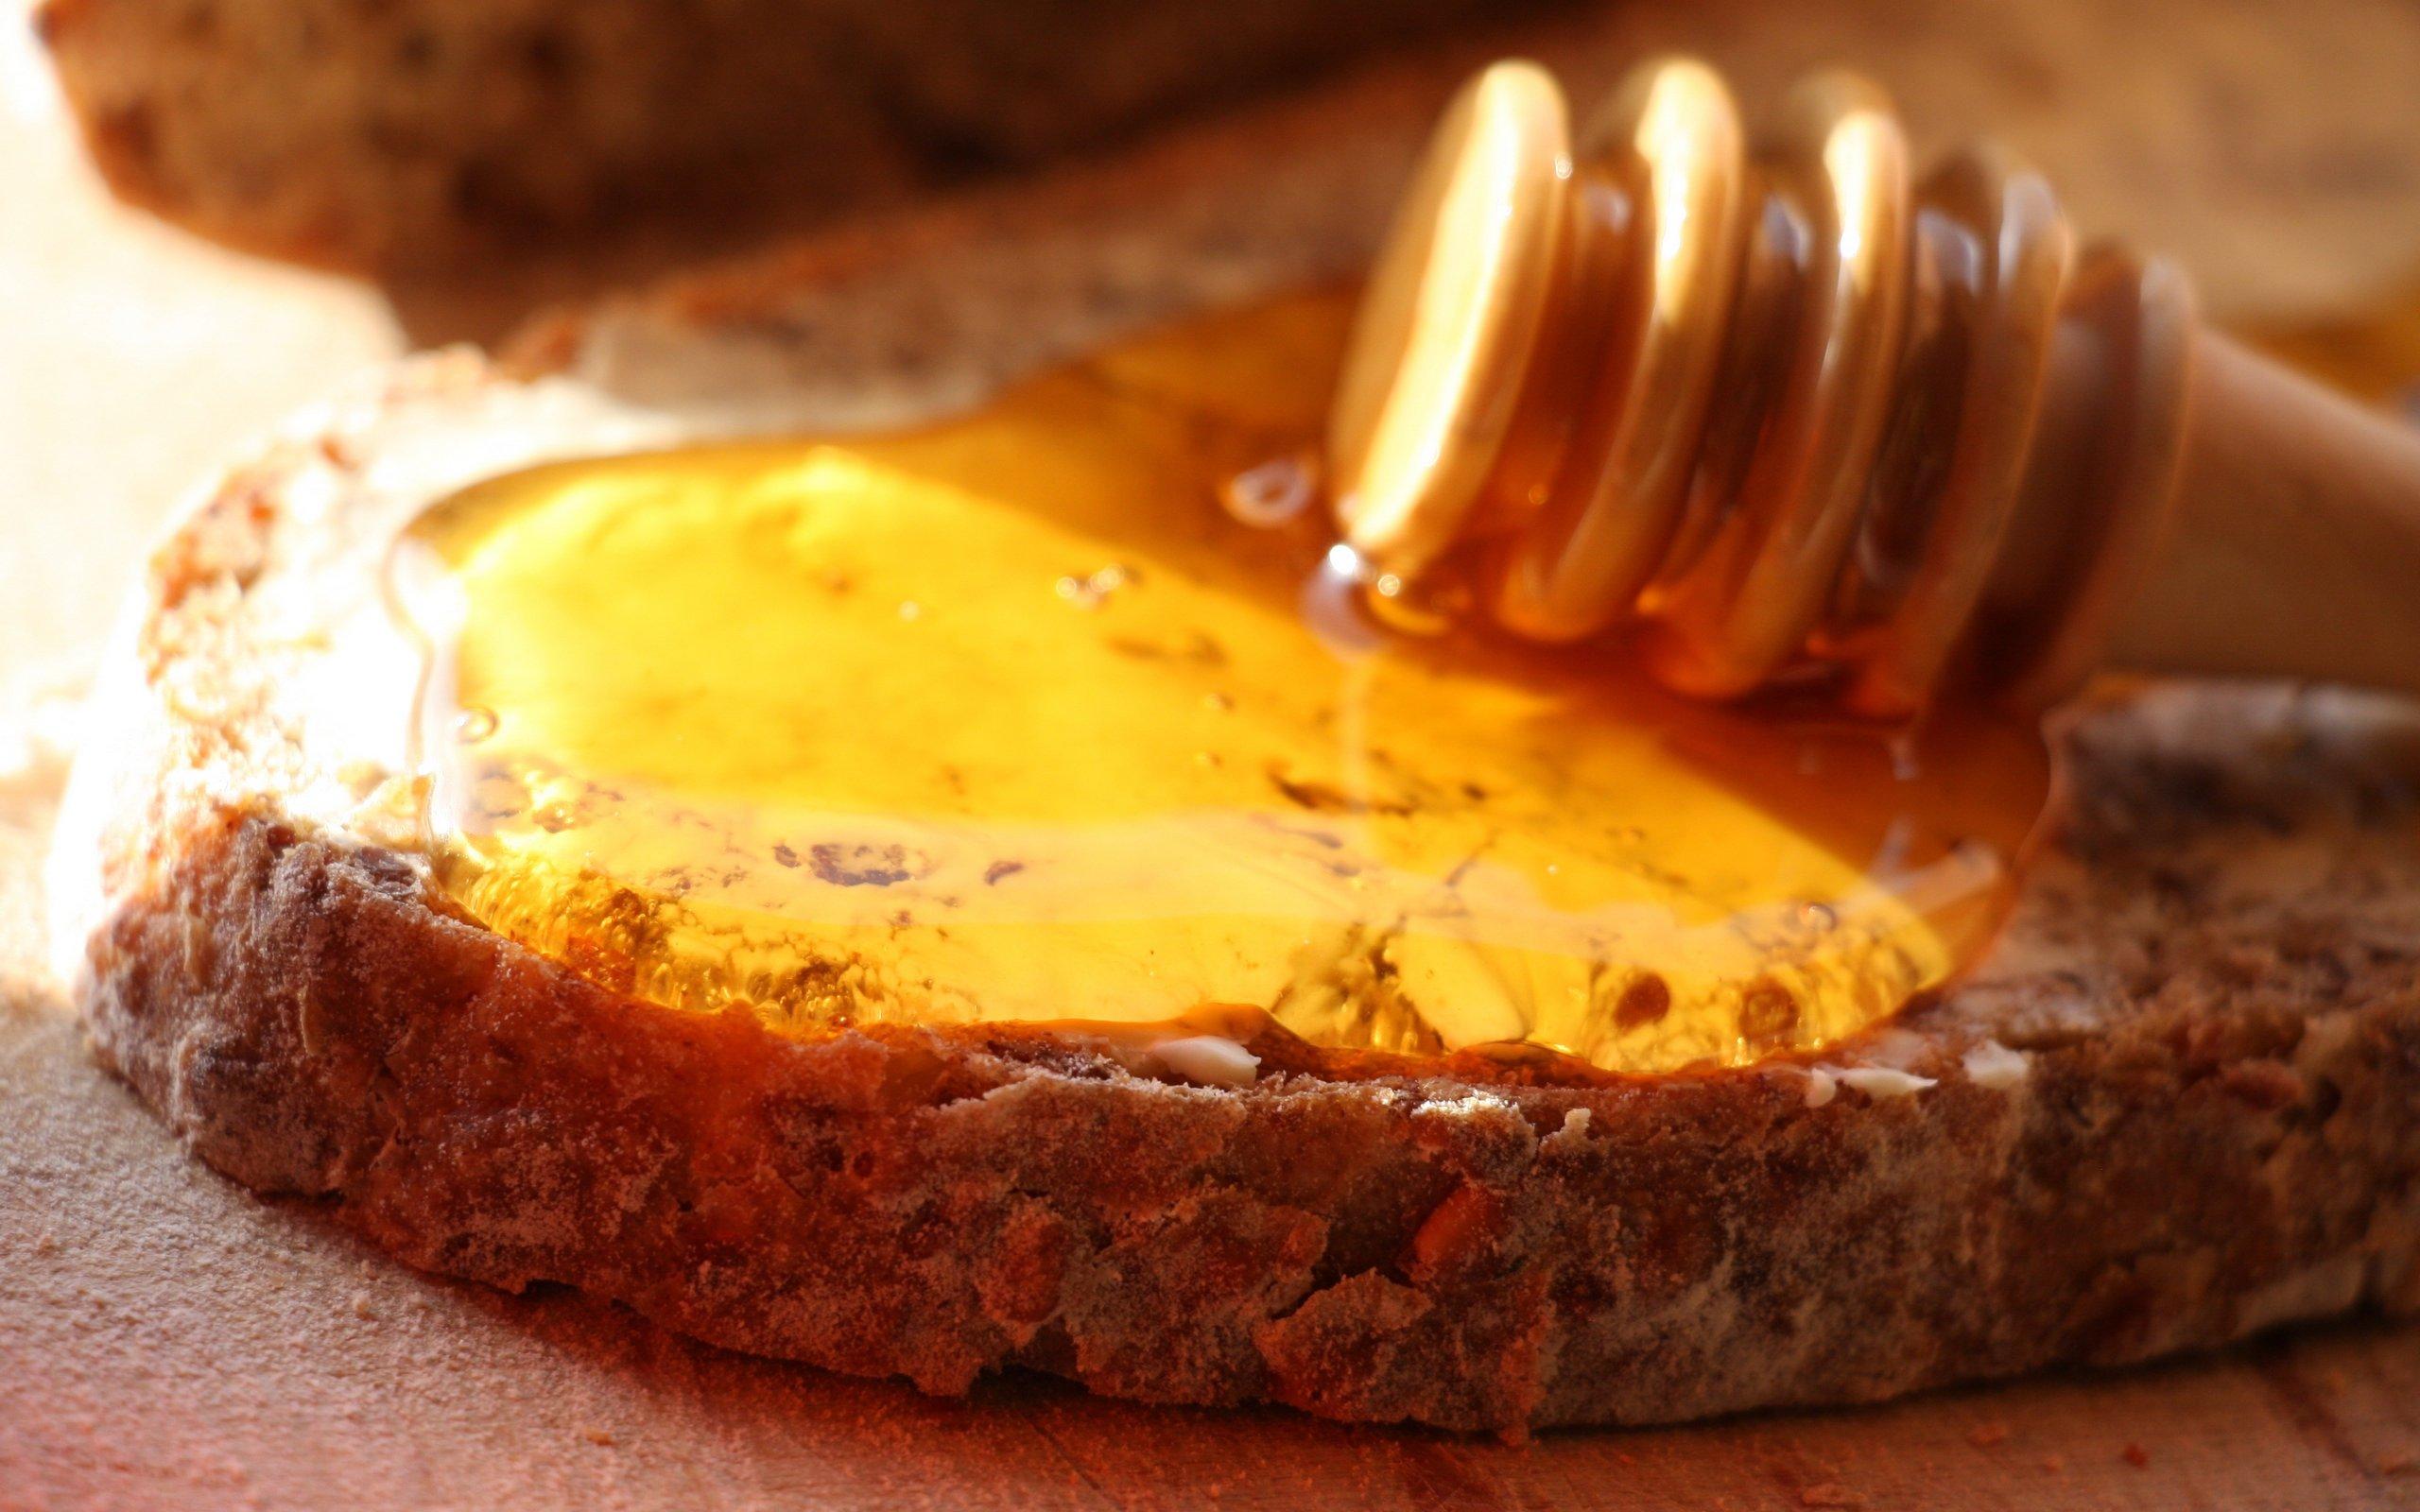 蜂蜜是有机食品吗(蜂蜜属于有机食品吗)